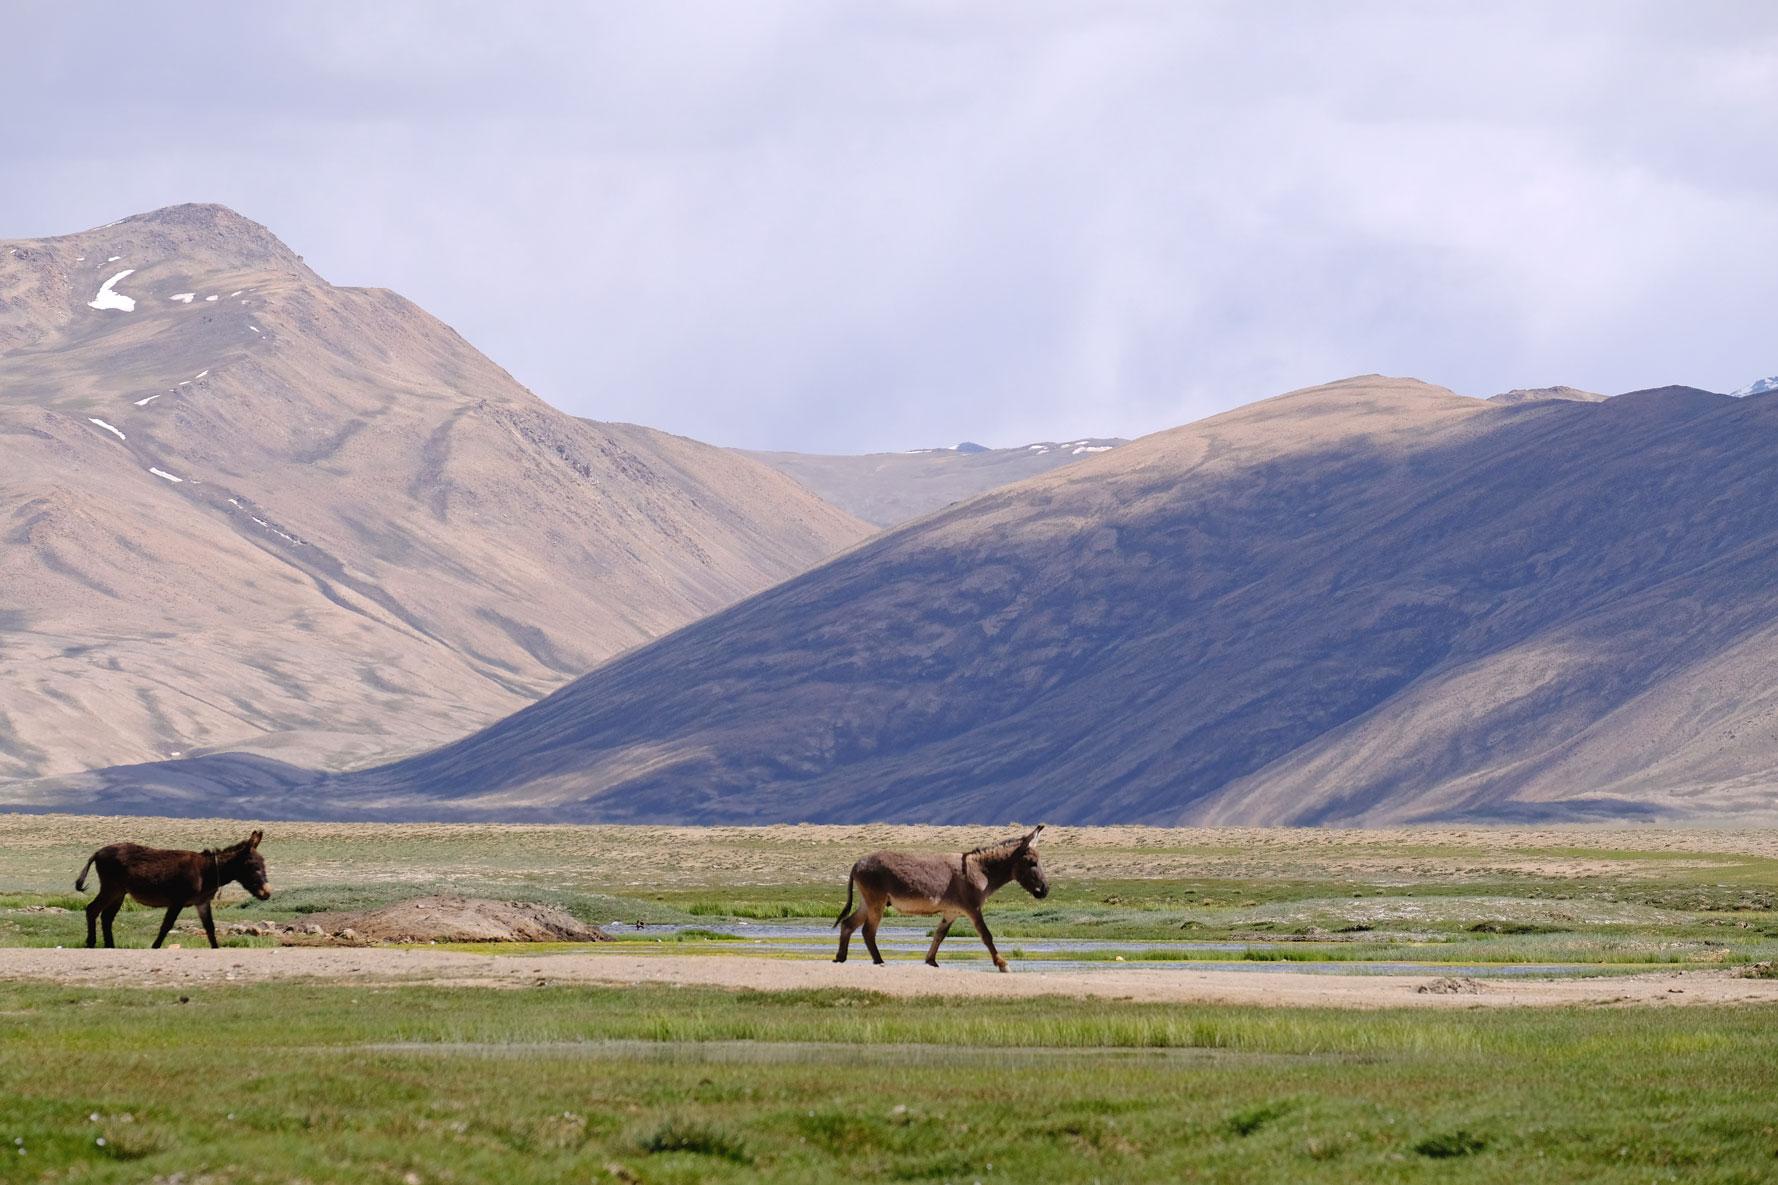 Zwei Esel im Gebirge.